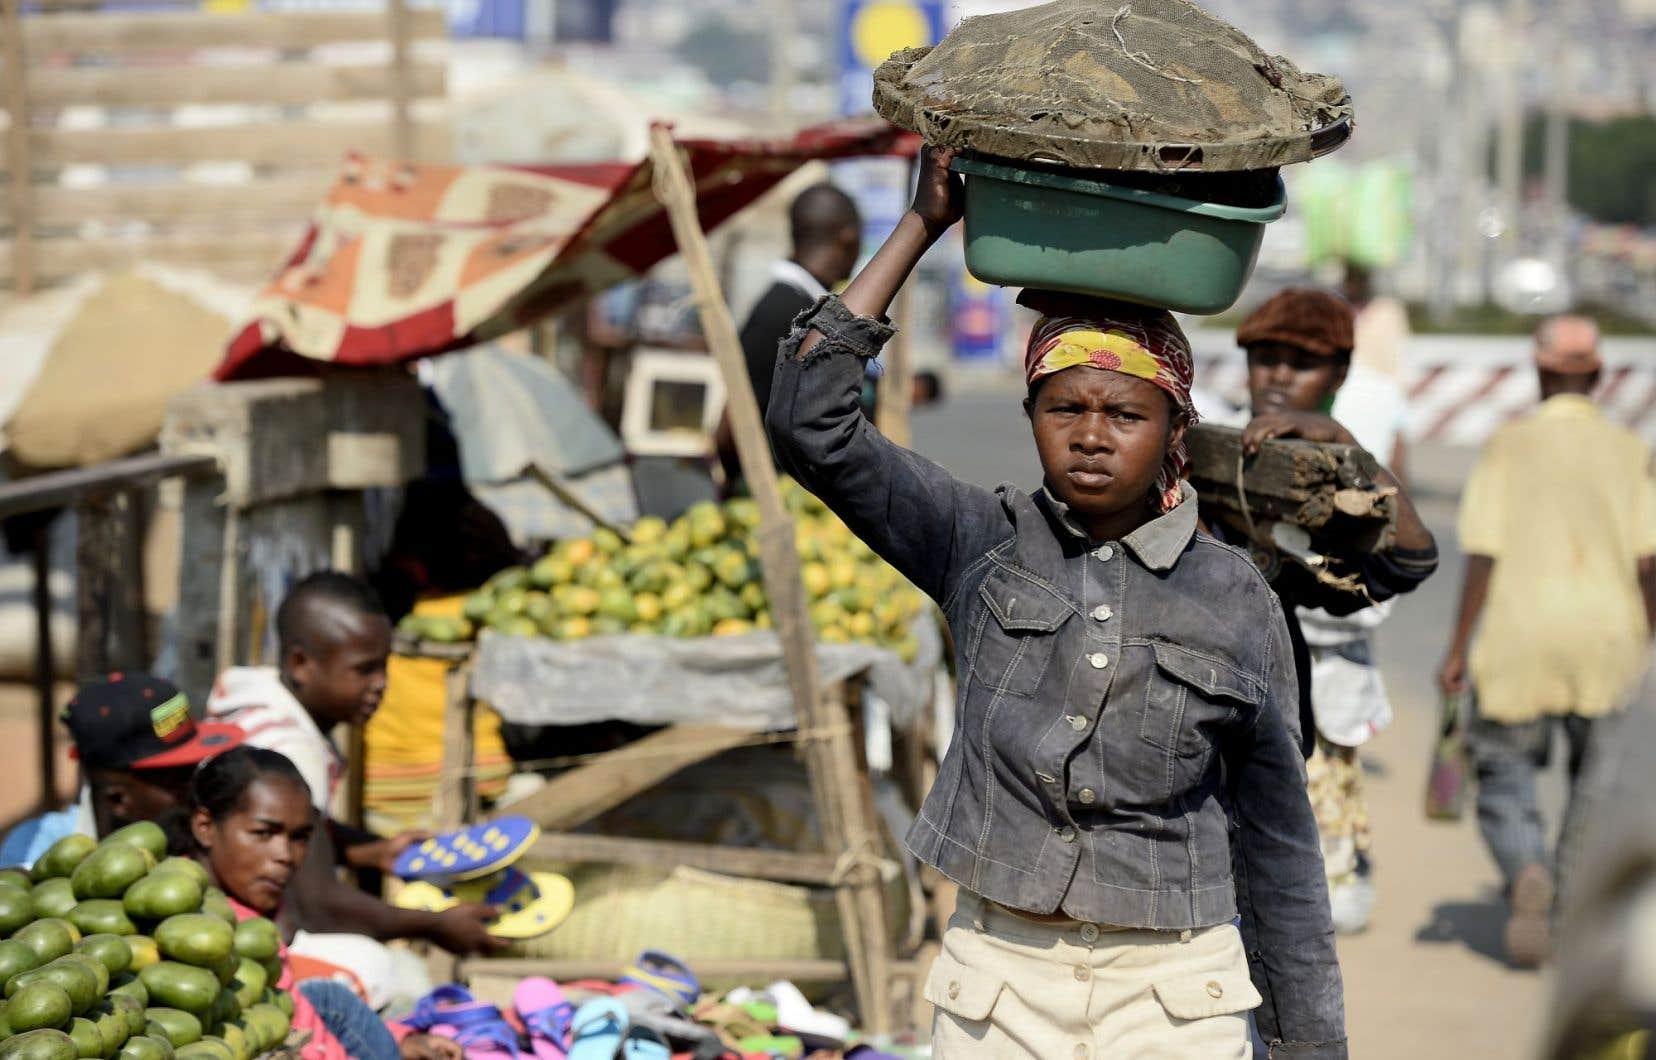 À Antananarivo, une femme déambule dans une rue marchande de la ville.